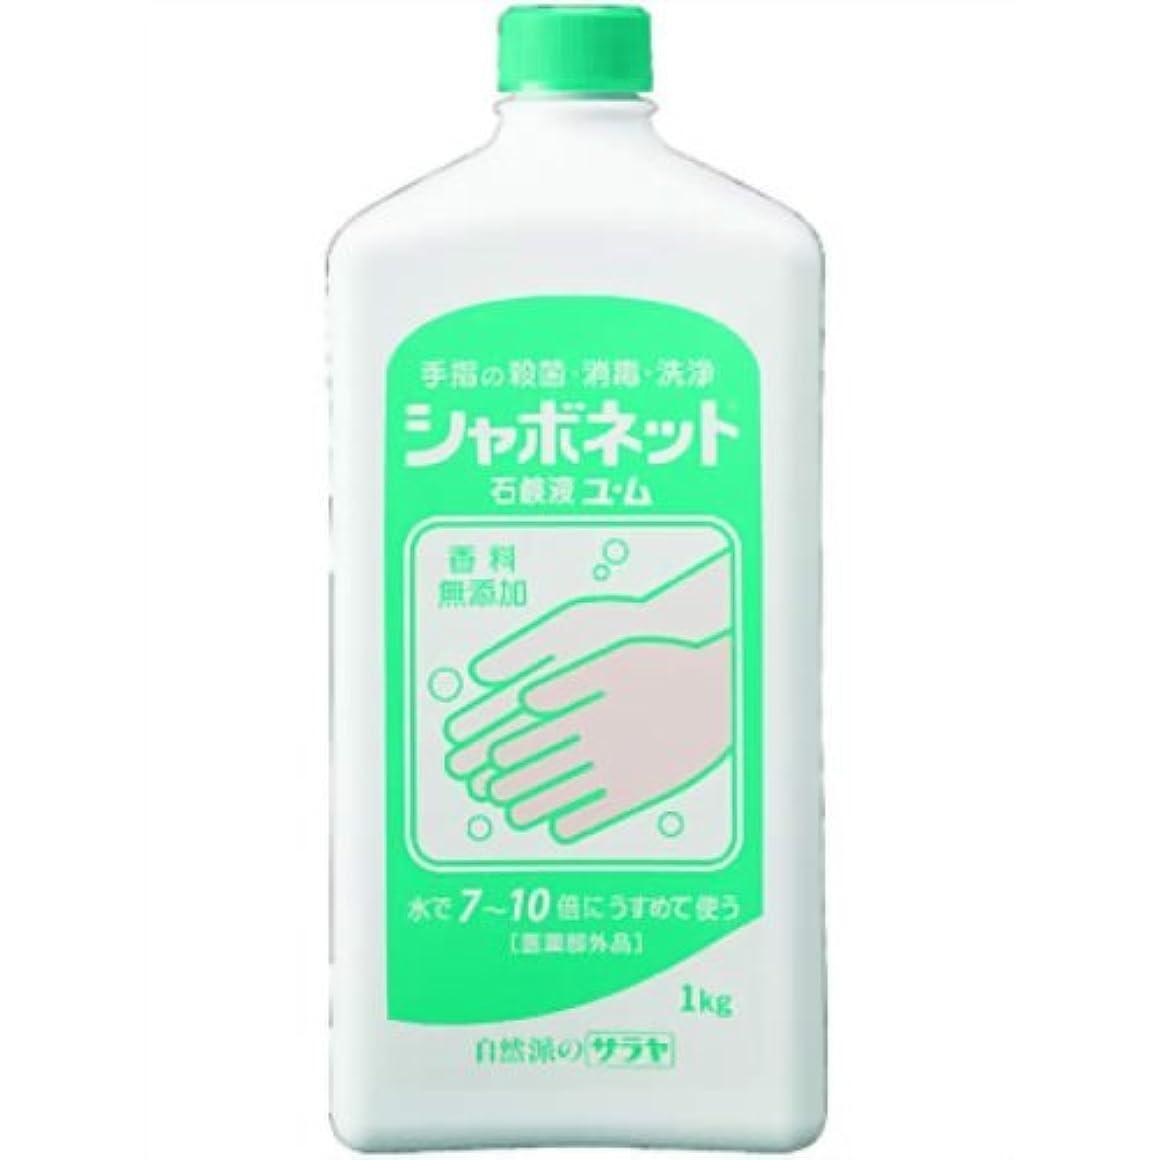 くしゃくしゃ時間厳守マニュアルシャボネット石鹸液ユ?ム 1kg